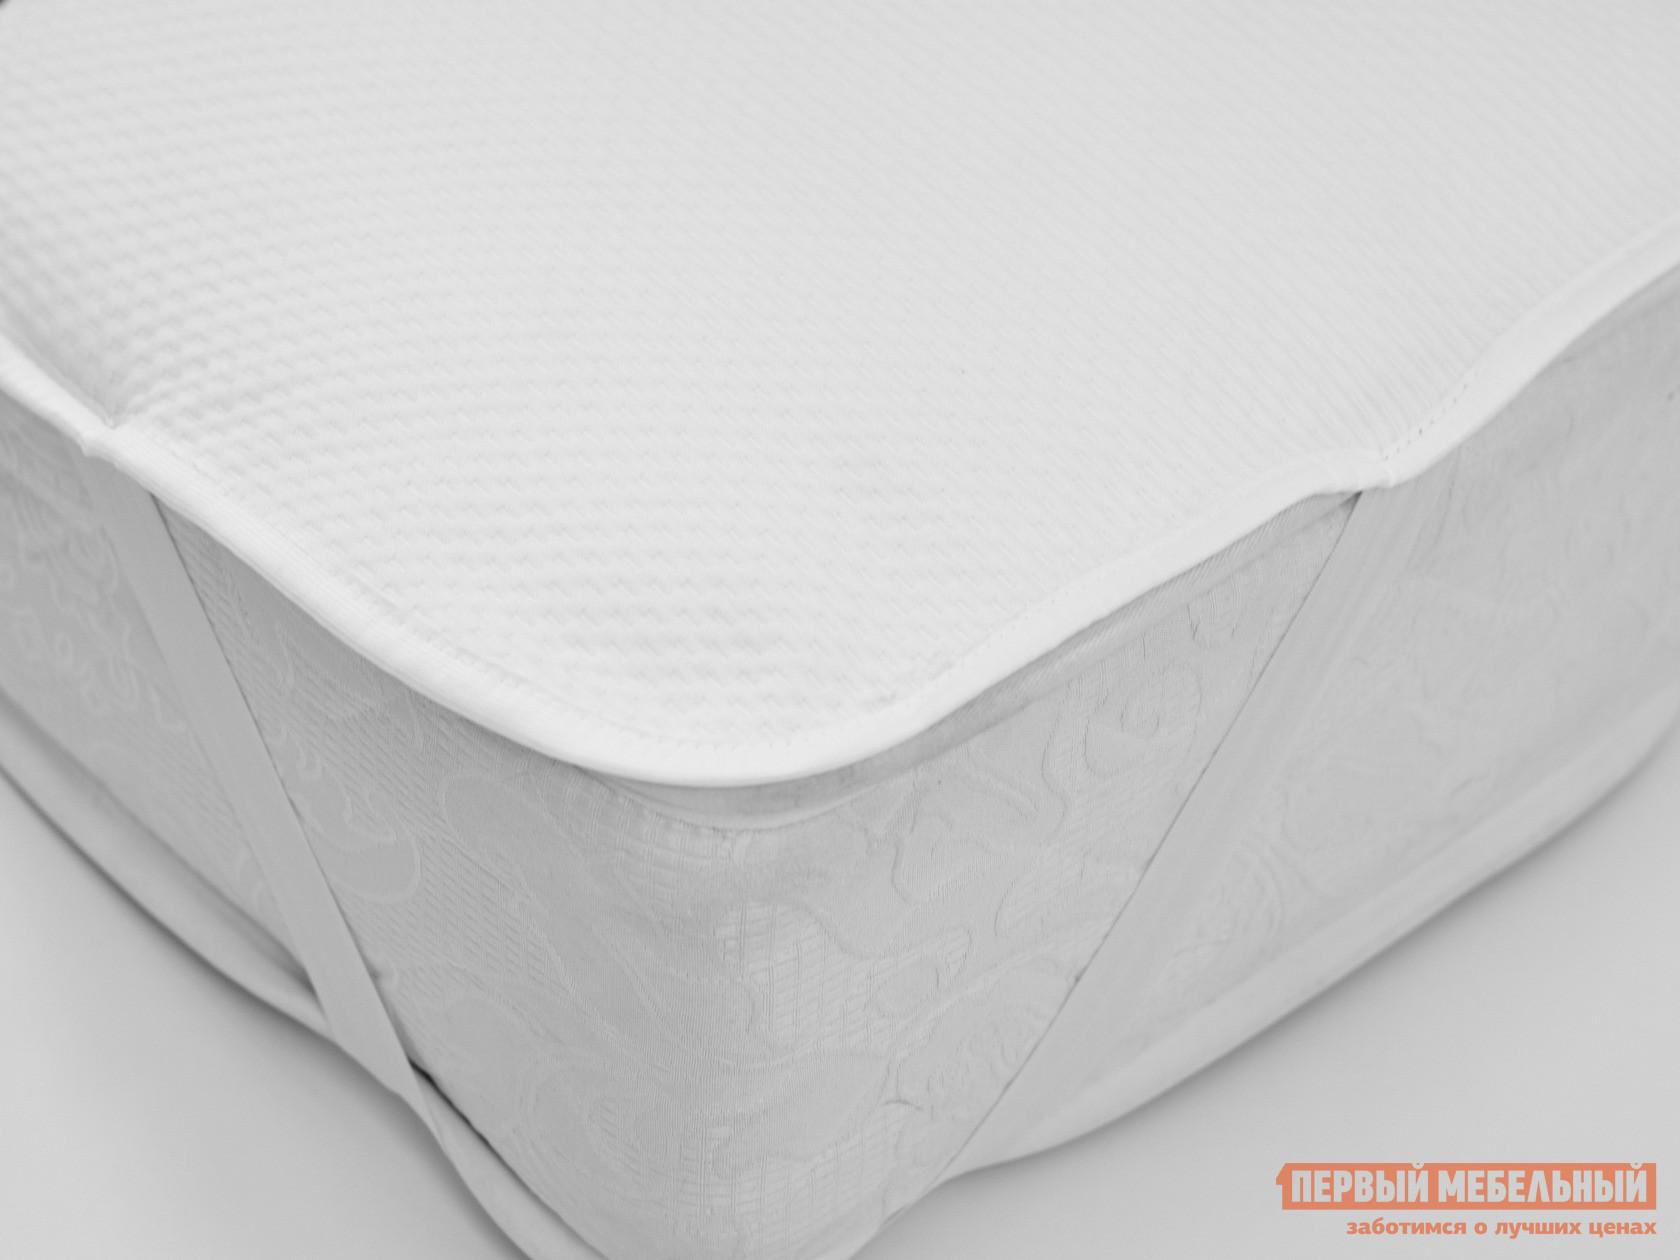 Чехол для матраса Первый Мебельный Наматрасник аквастоп Основа Снов трикотажный на резинке